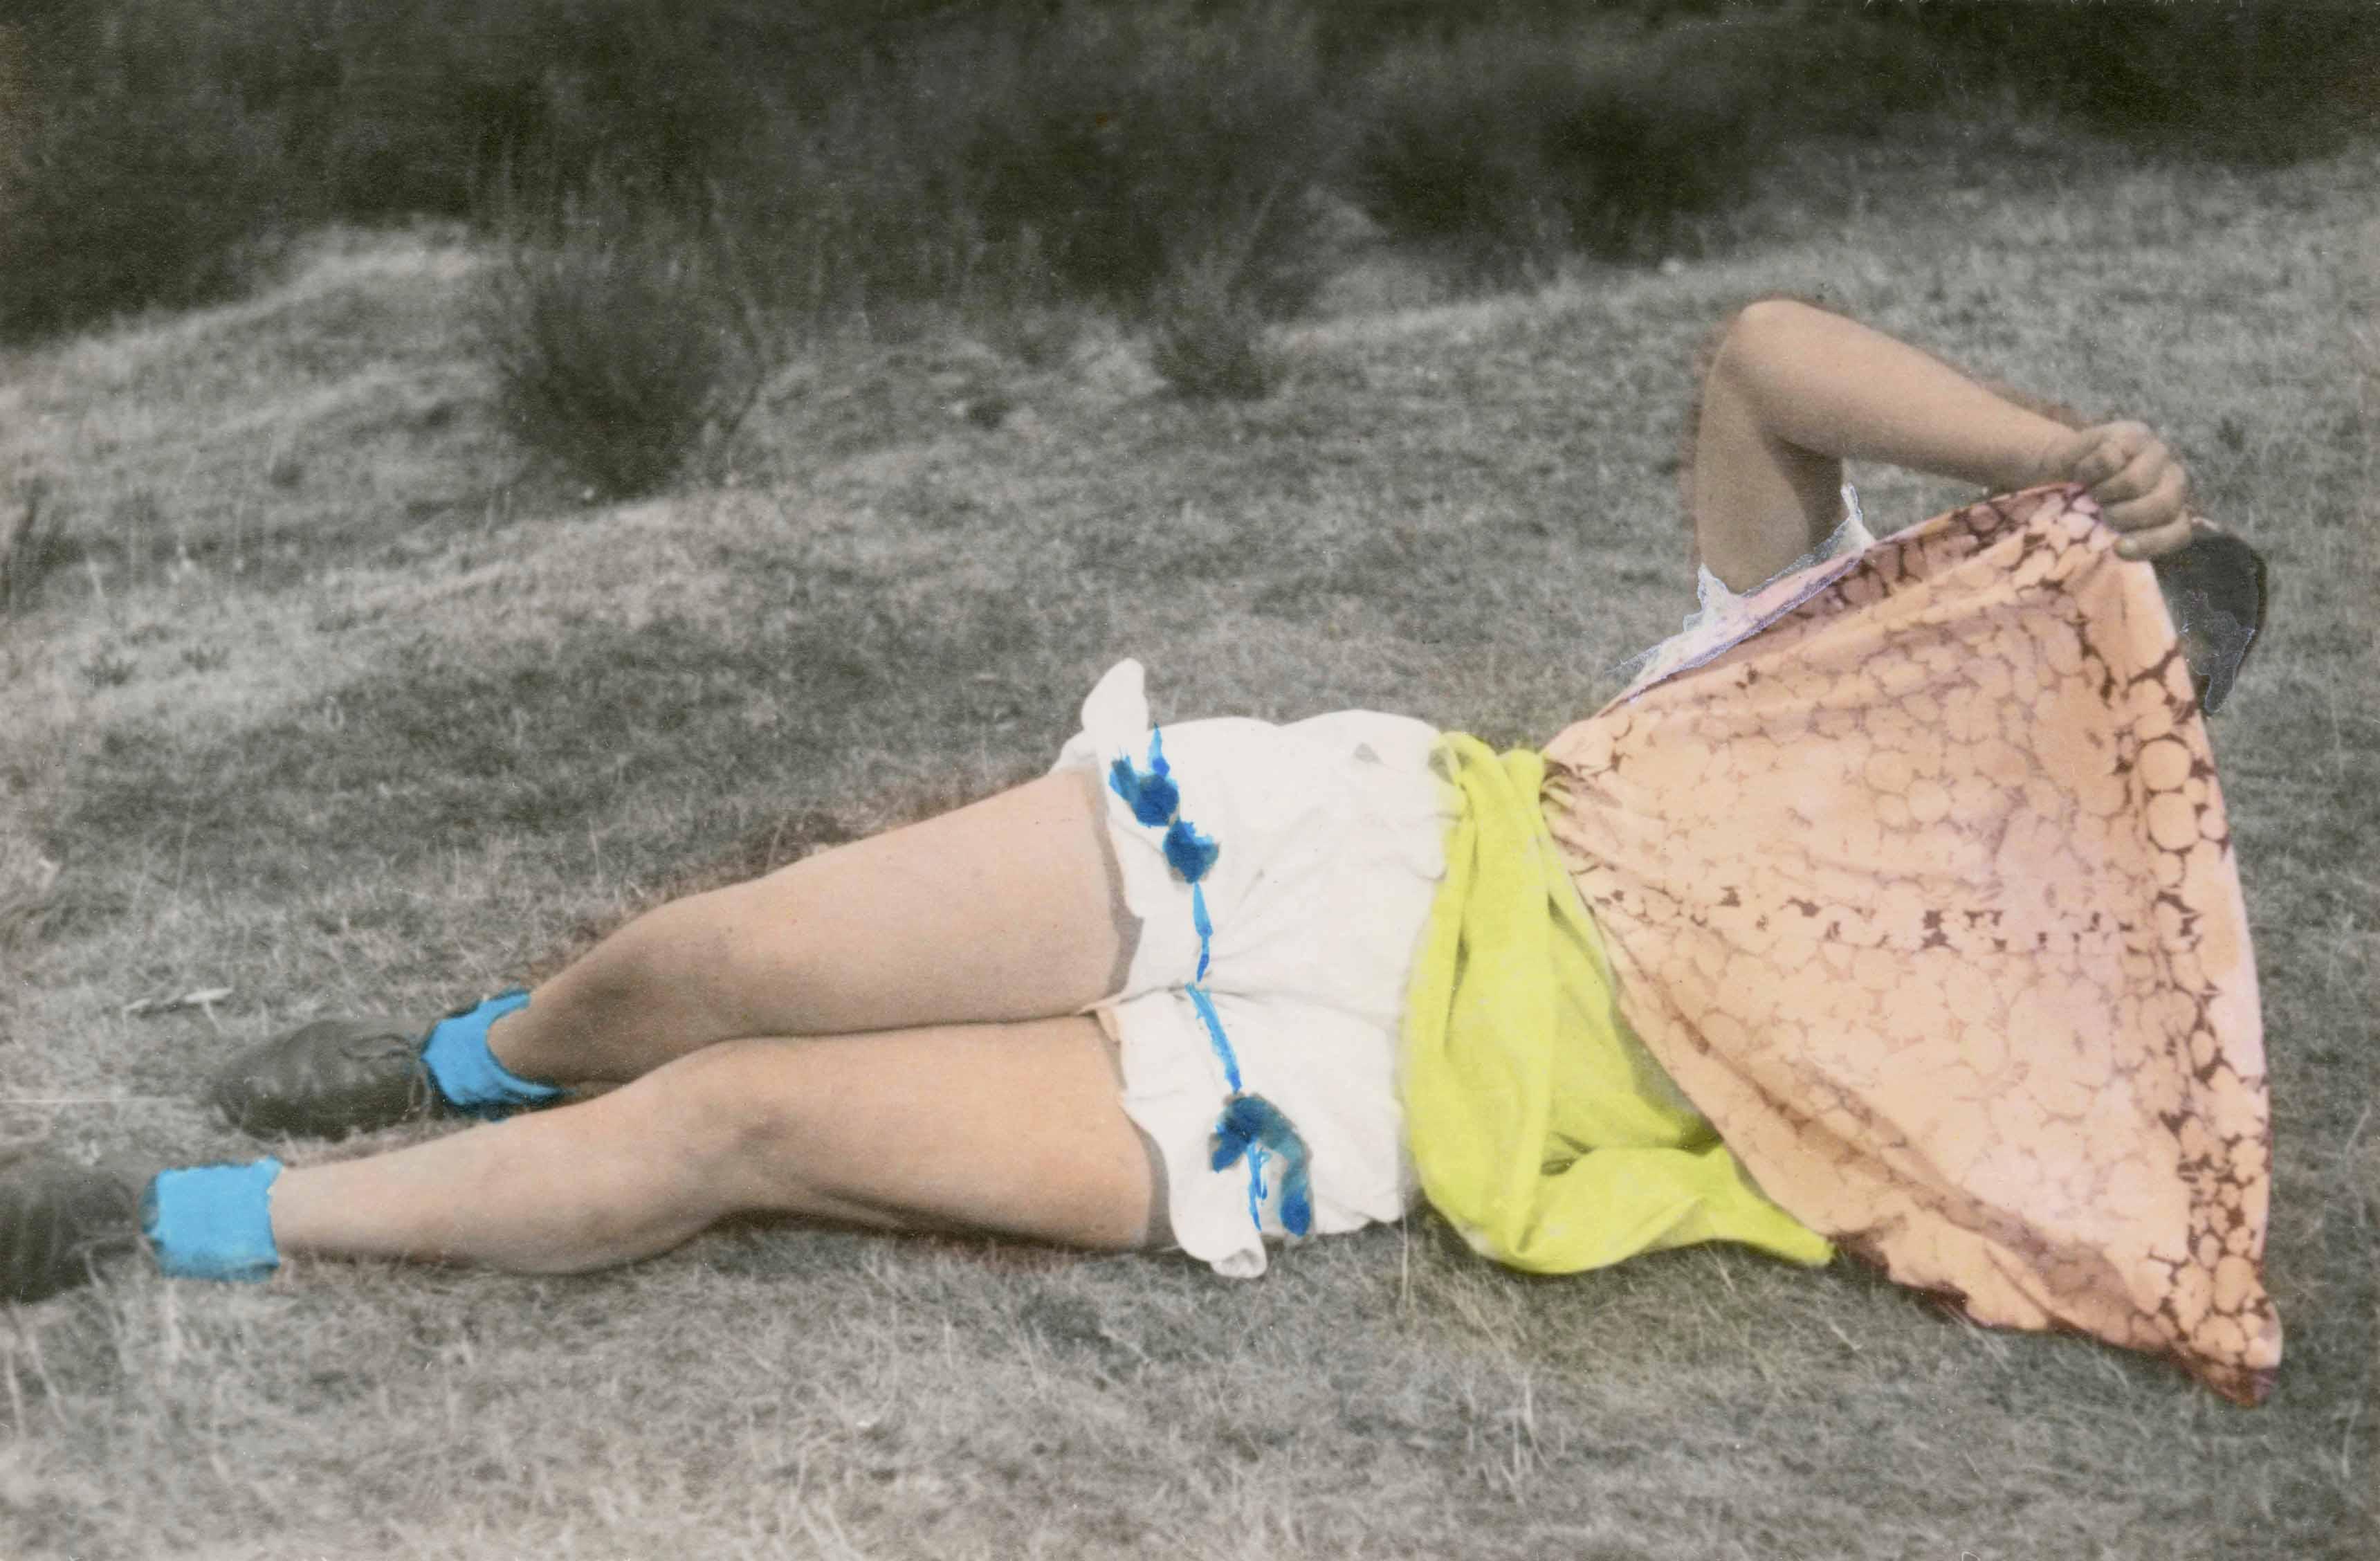 Photographe anonyme. France, 1930-45. Tirage argentique rehaussé à l'aquarelle. 8,3 x 12 cm